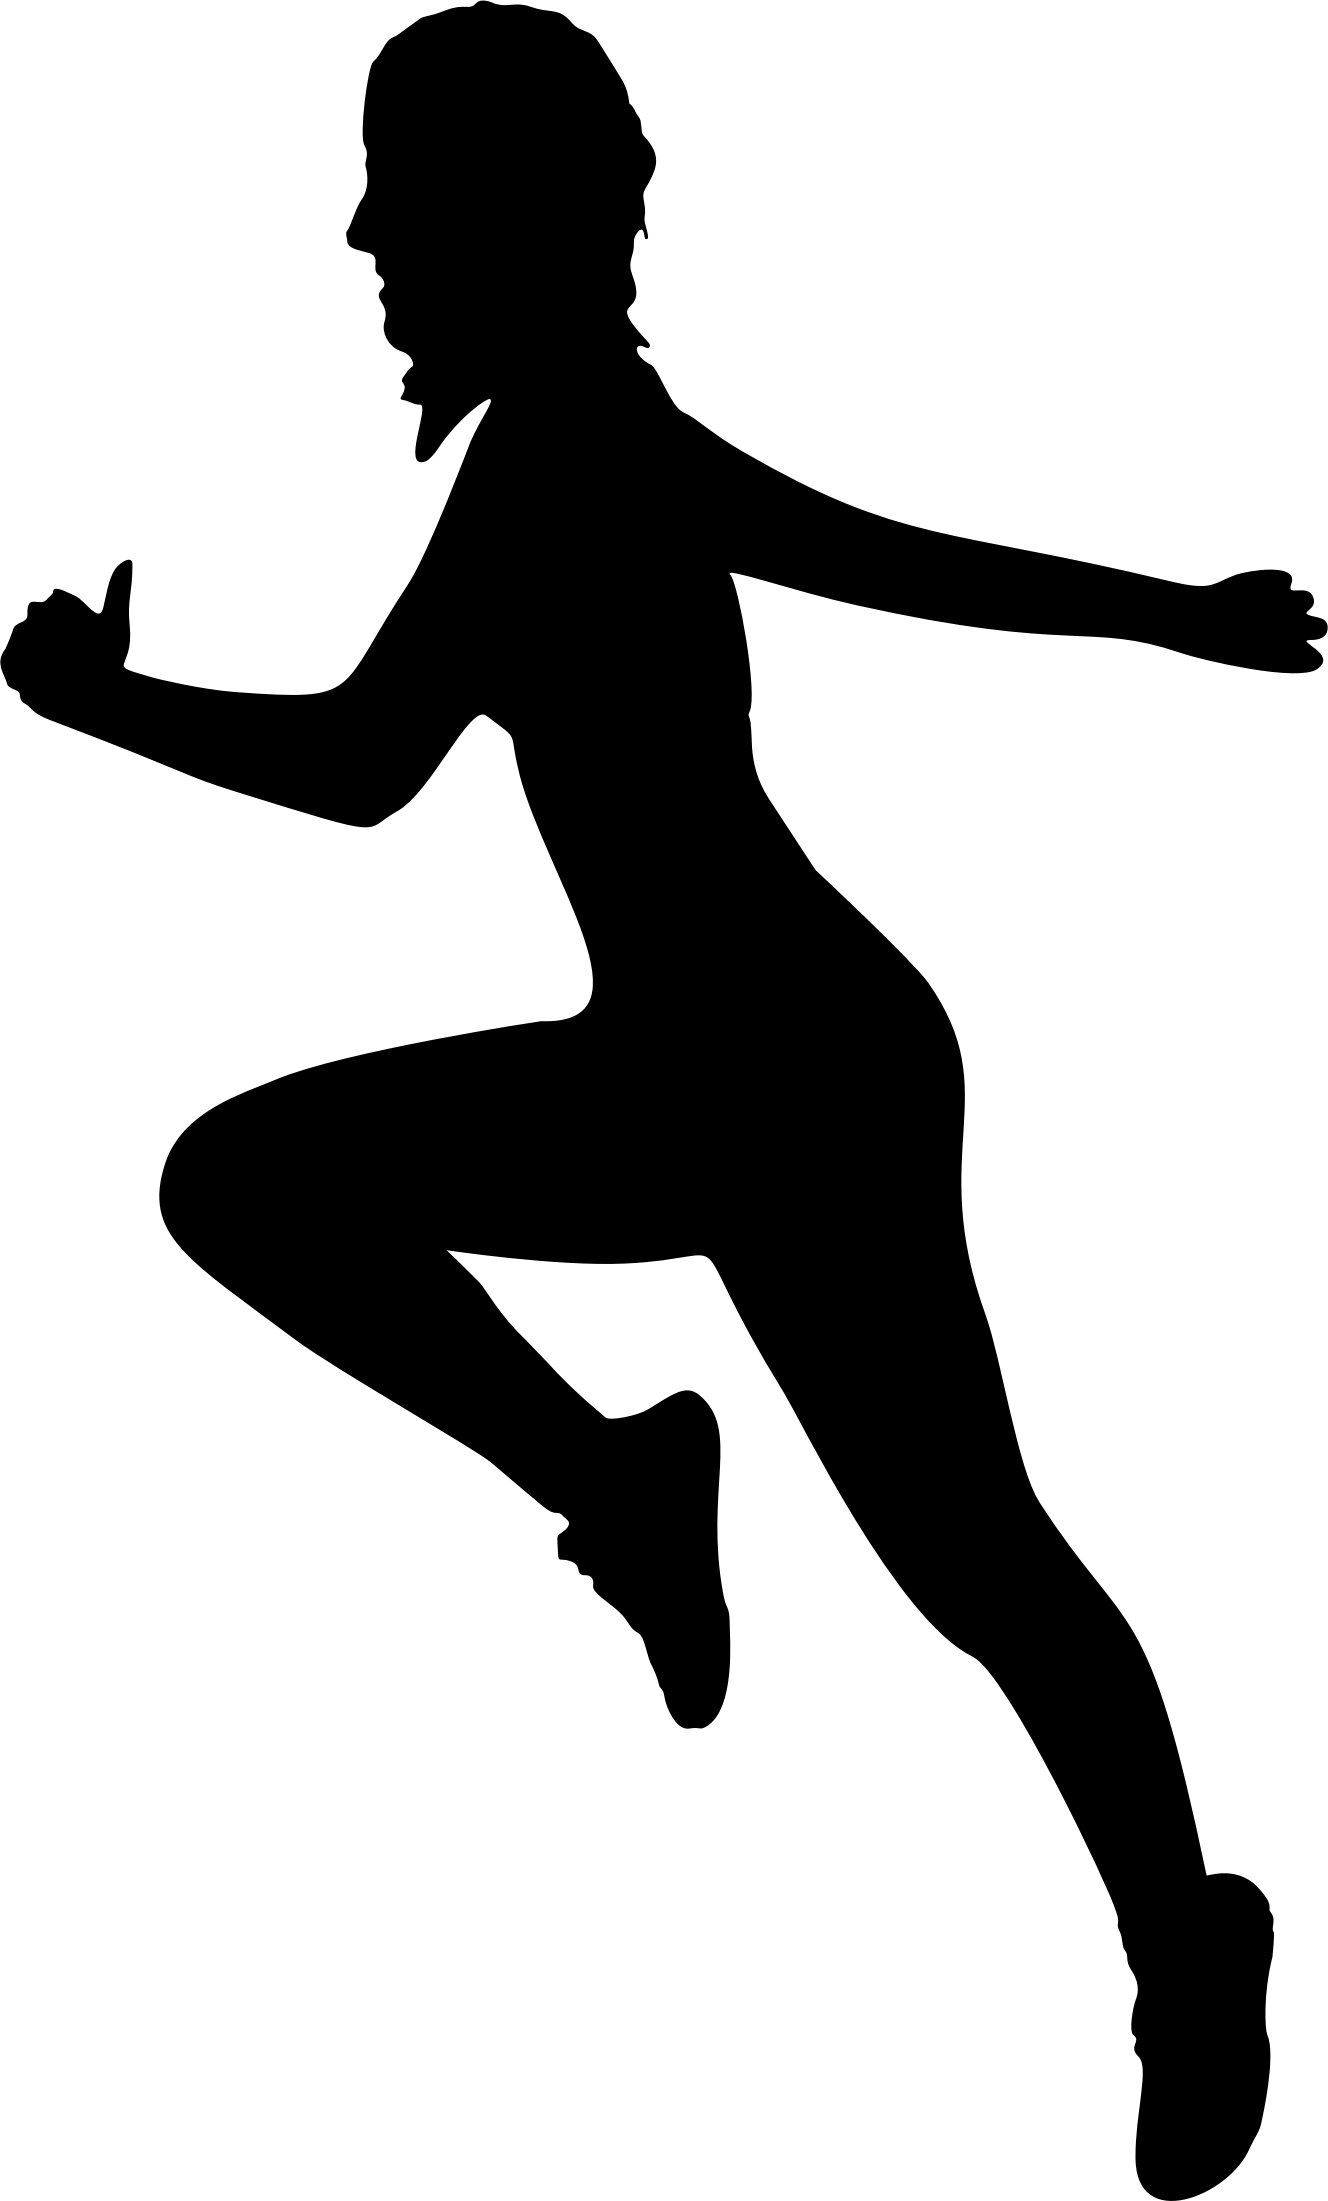 Illustration of silhouette girl. Exercise clipart fitness